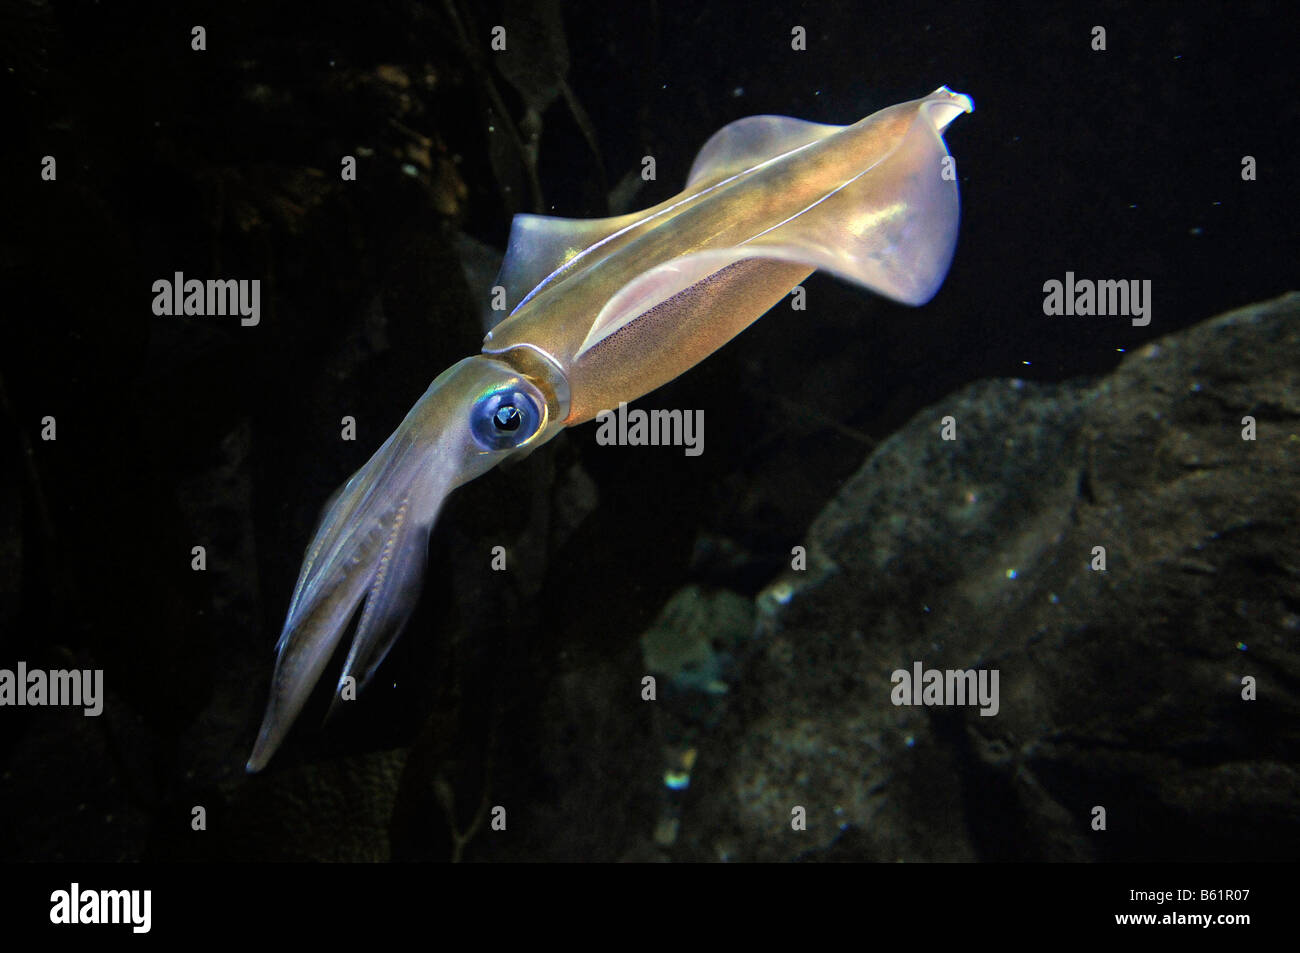 Southern Calamari Squid (Sepioteuthis australis) - Stock Image